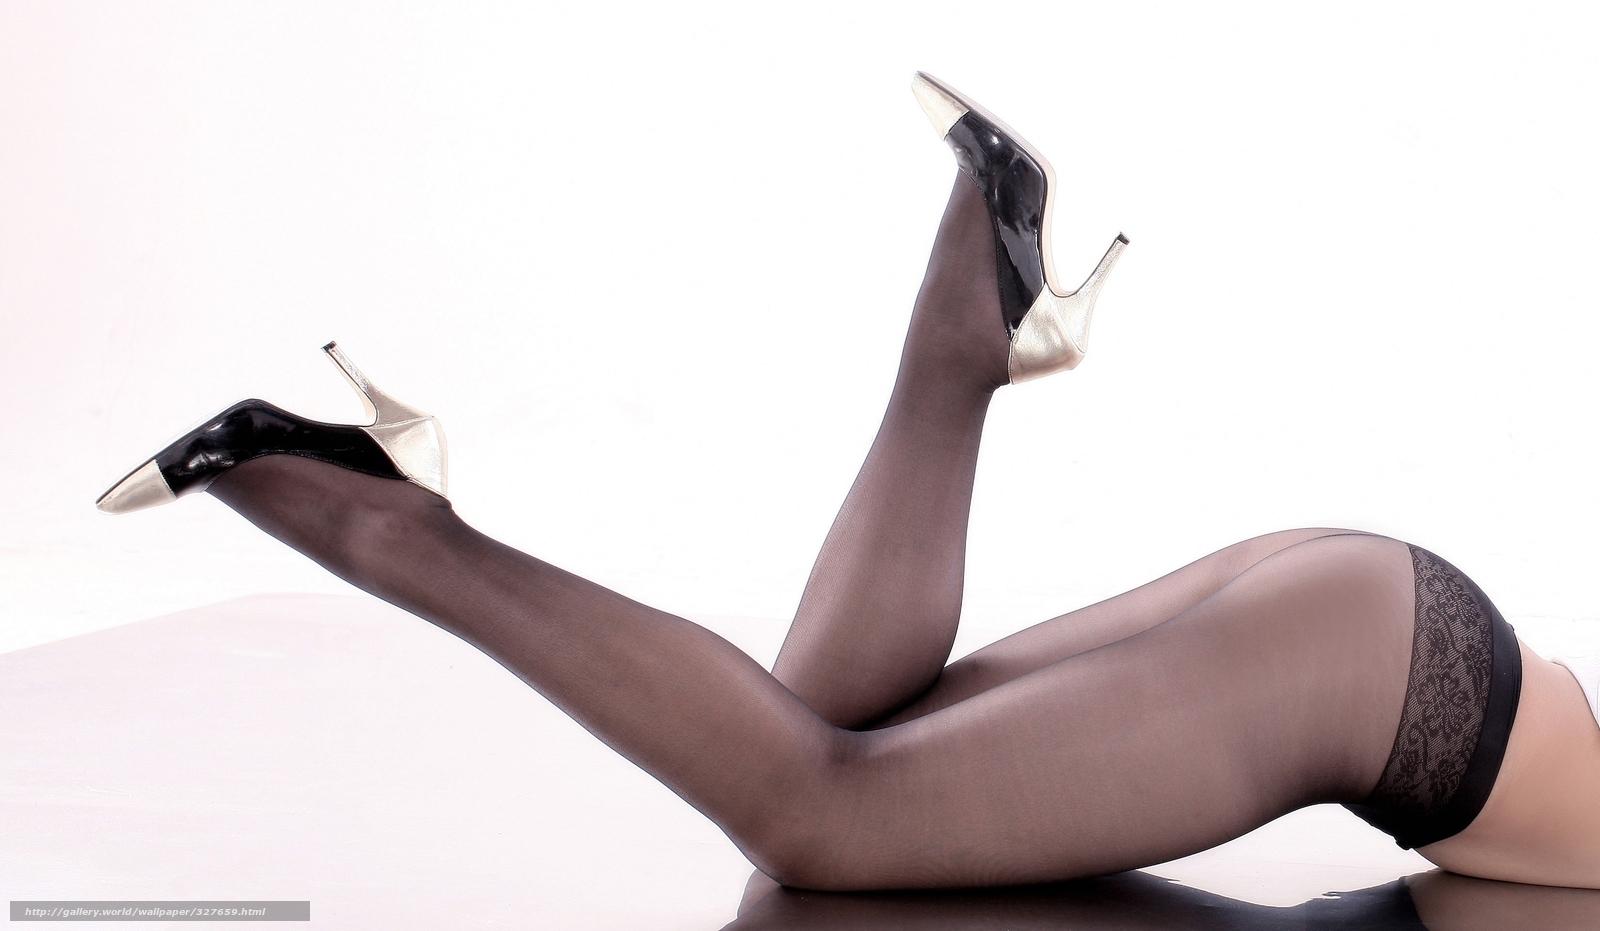 Фото женской ступни в чёрных чулках 1 фотография